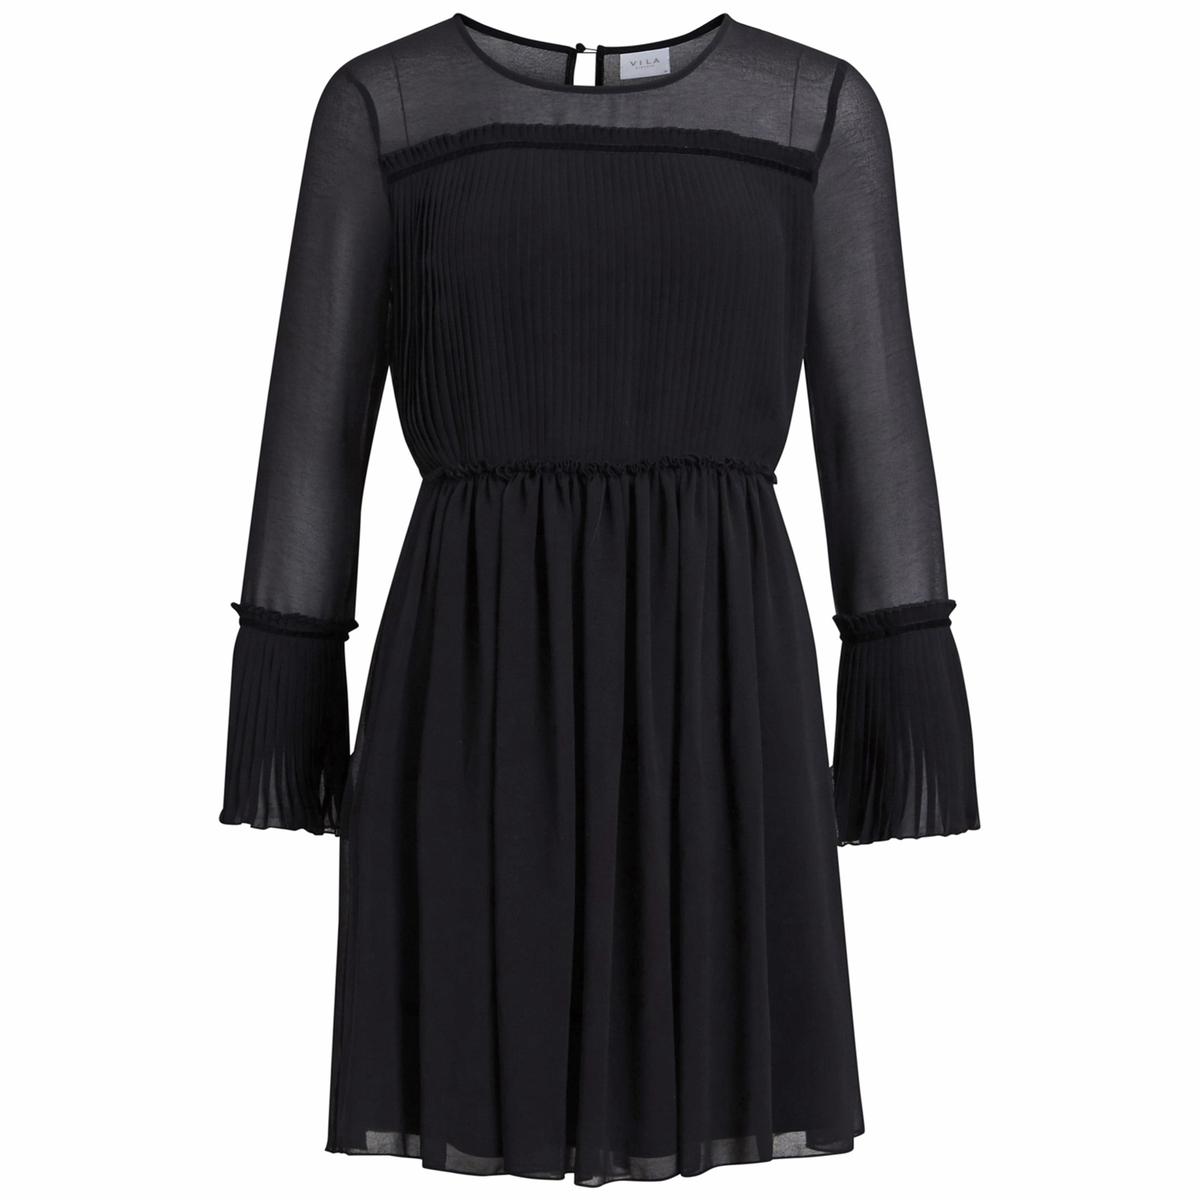 Платье-миди, длина 3/4, длинные рукаваДетали •  Форма : с плиссировкой •  Длина миди, 3/4 •  Длинные рукава    •  Круглый вырез Состав и уход •  100% полиэстер •  Следуйте рекомендациям по уходу, указанным на этикетке изделия<br><br>Цвет: черный<br>Размер: M